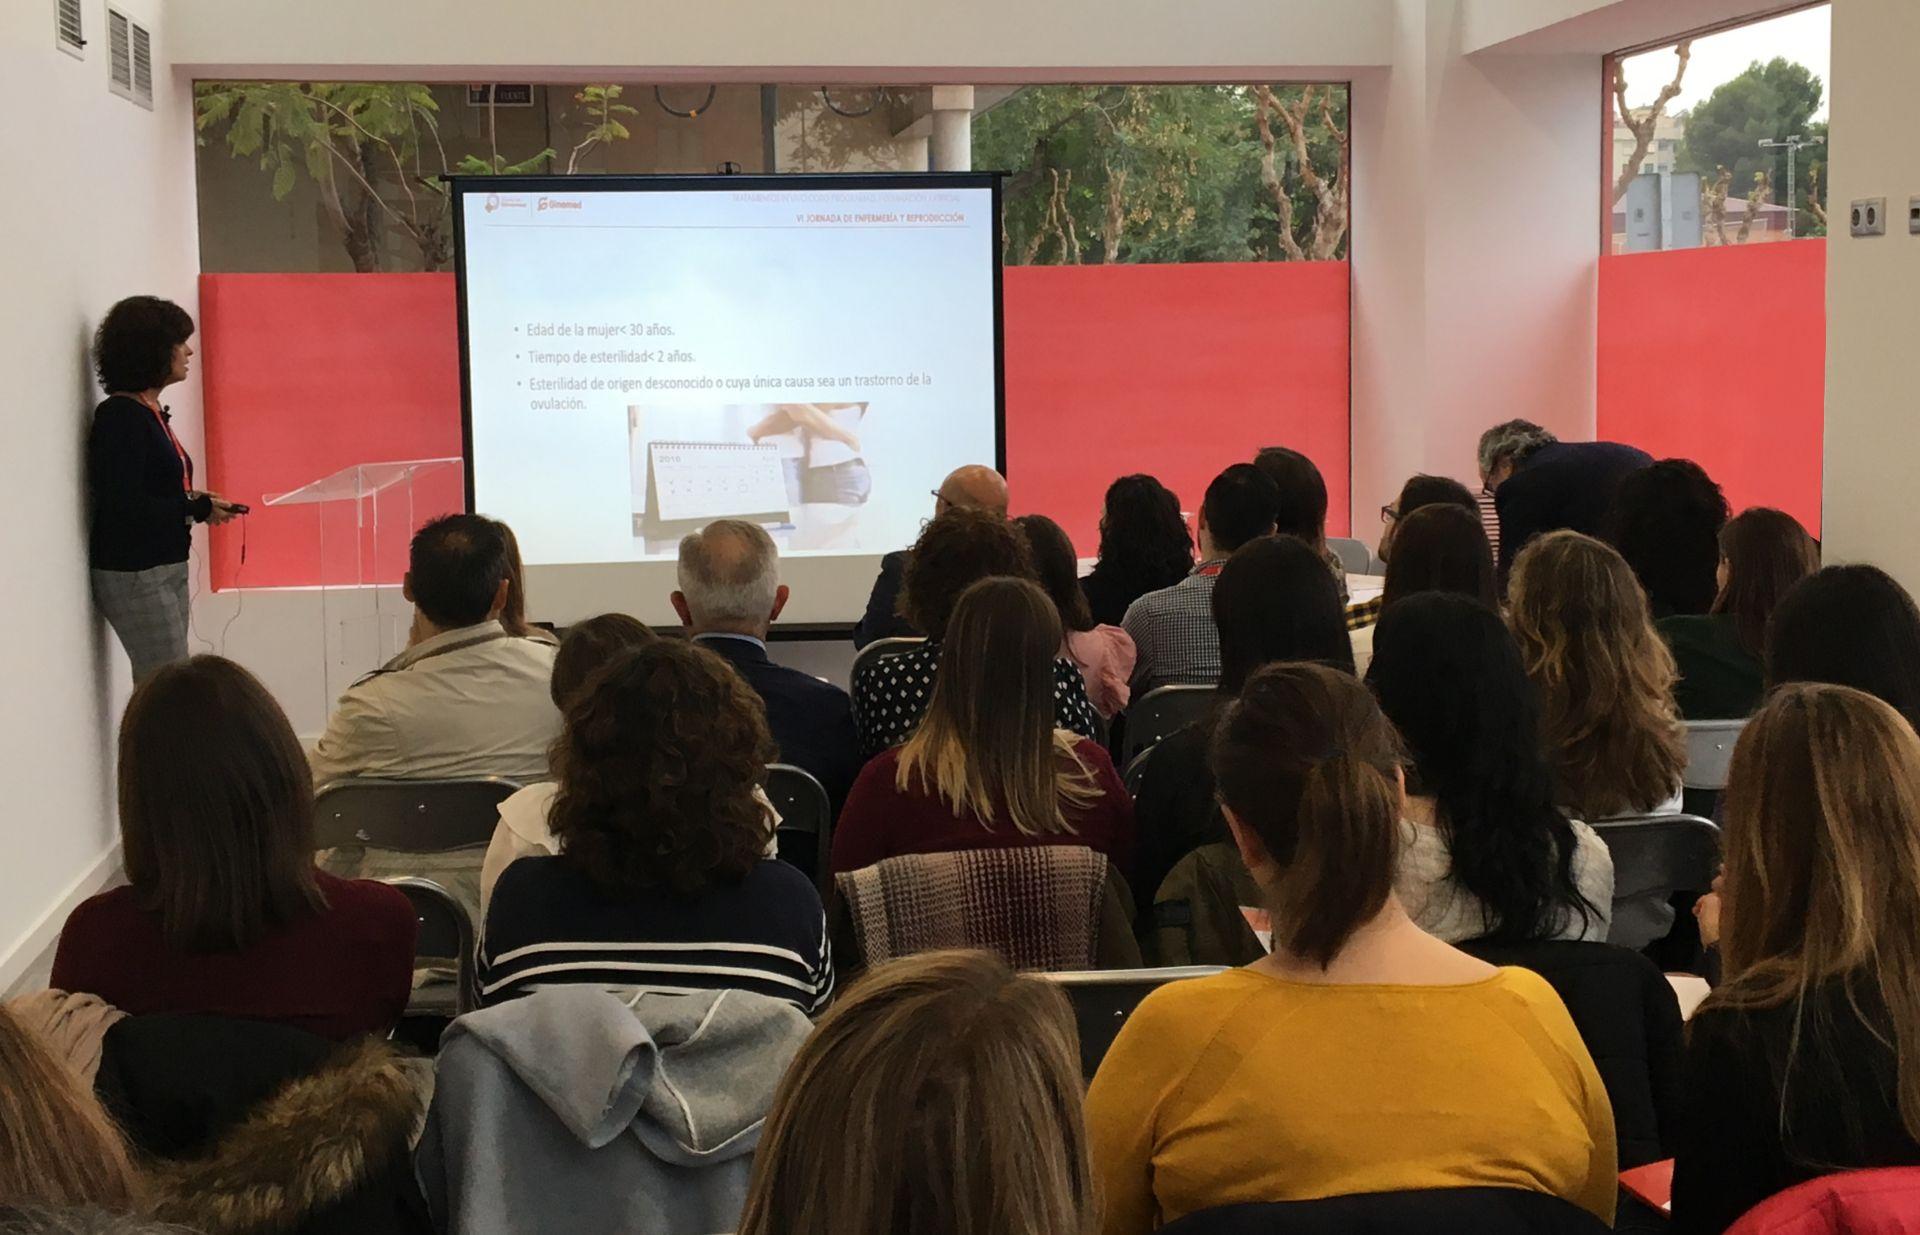 Presentación de cursos y congresos para profesionales